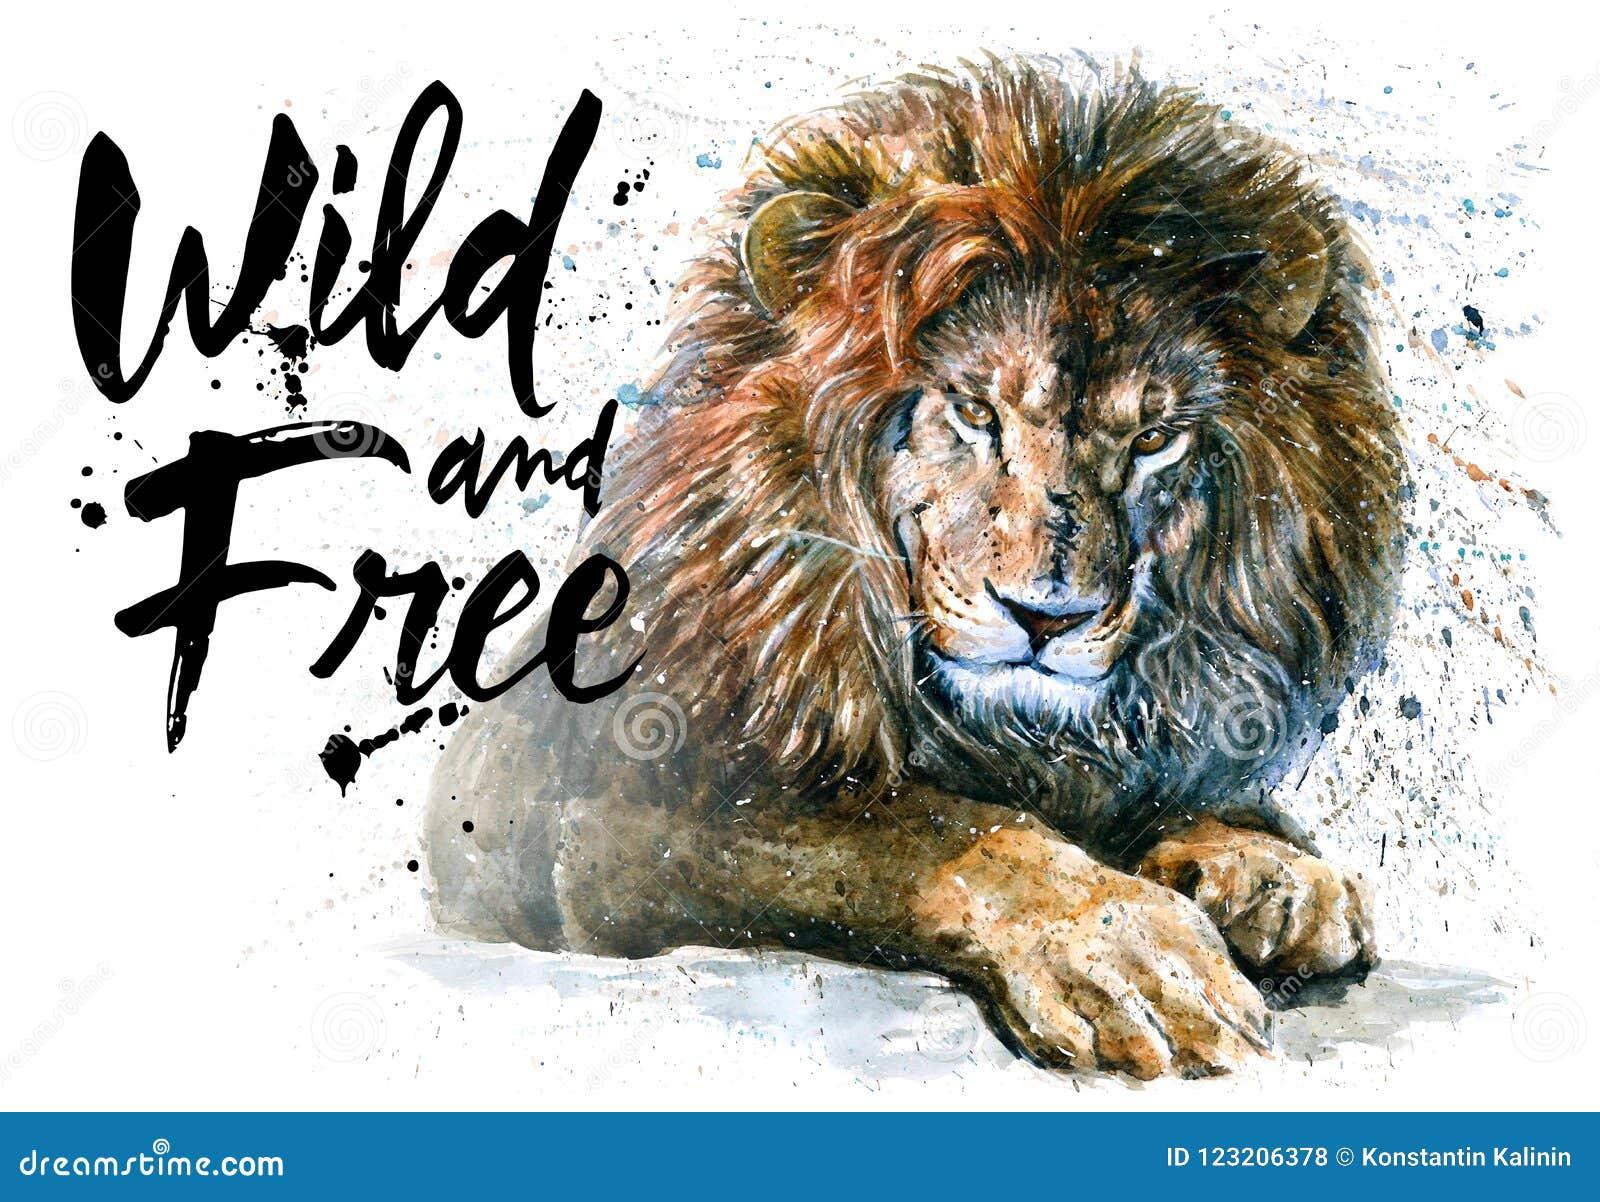 绘动物的食肉动物的动物国王的狮子水彩狂放&自由